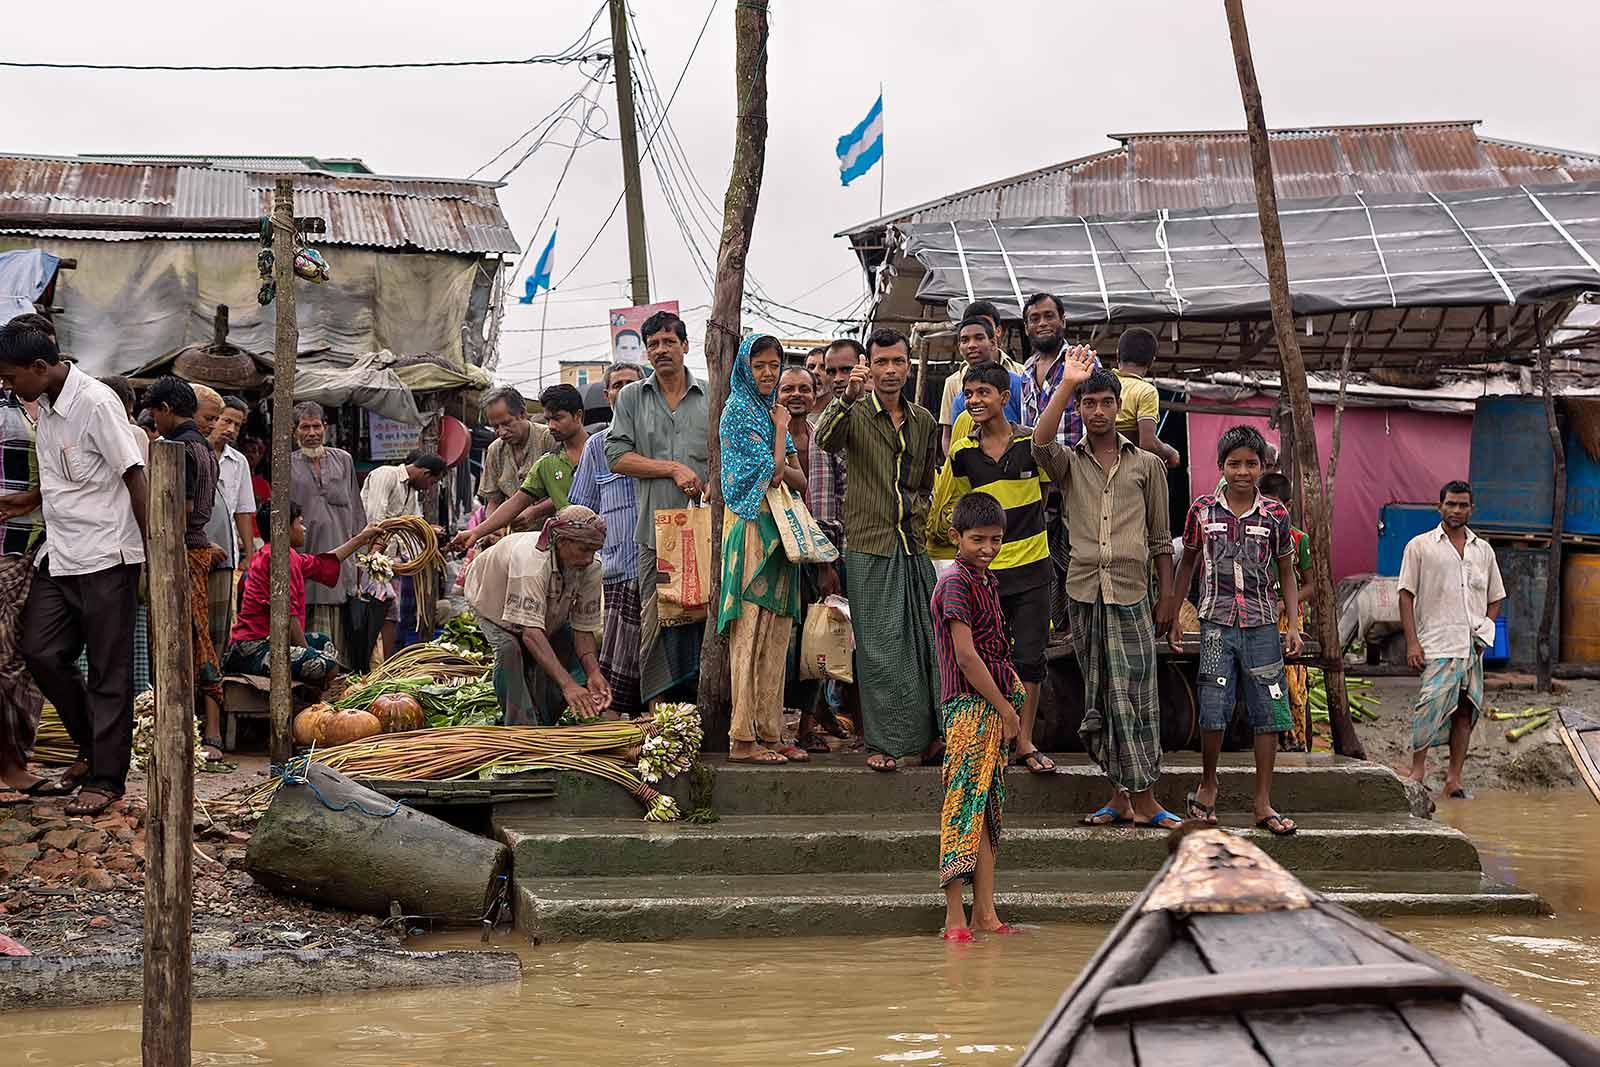 boat-canal-swarupkathi-bangladesh-1